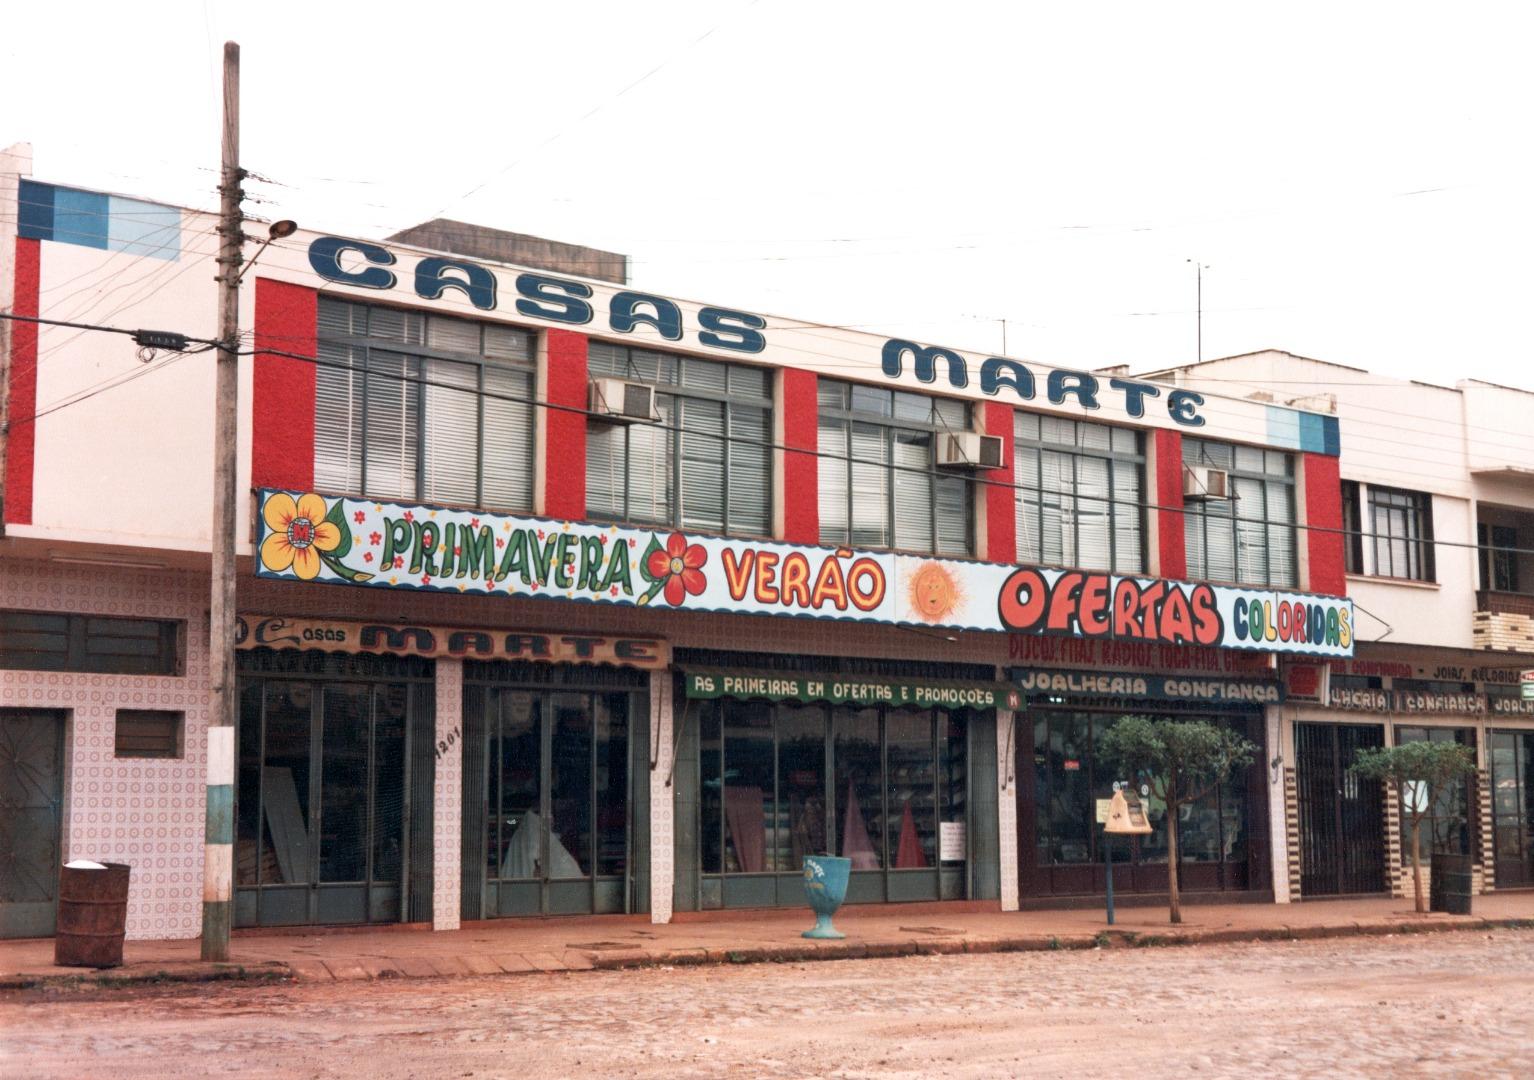 Top Marte completa 44 anos de história neste mês em São Miguel do Oeste